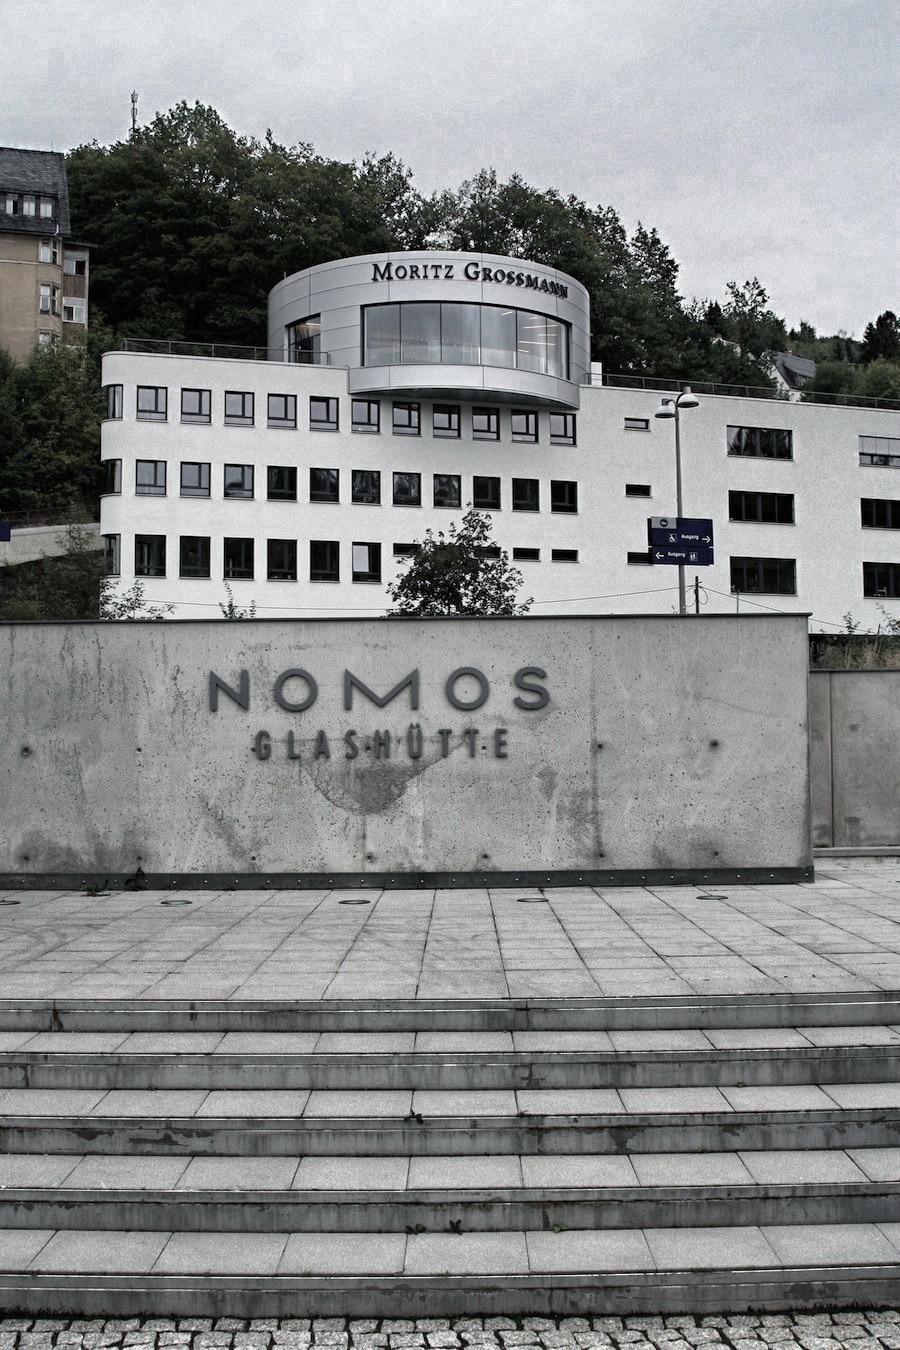 Moritz Grossmann und  Nomos gehören zu den besuchten Manufakturen in Glashütte im Jahr 2015.